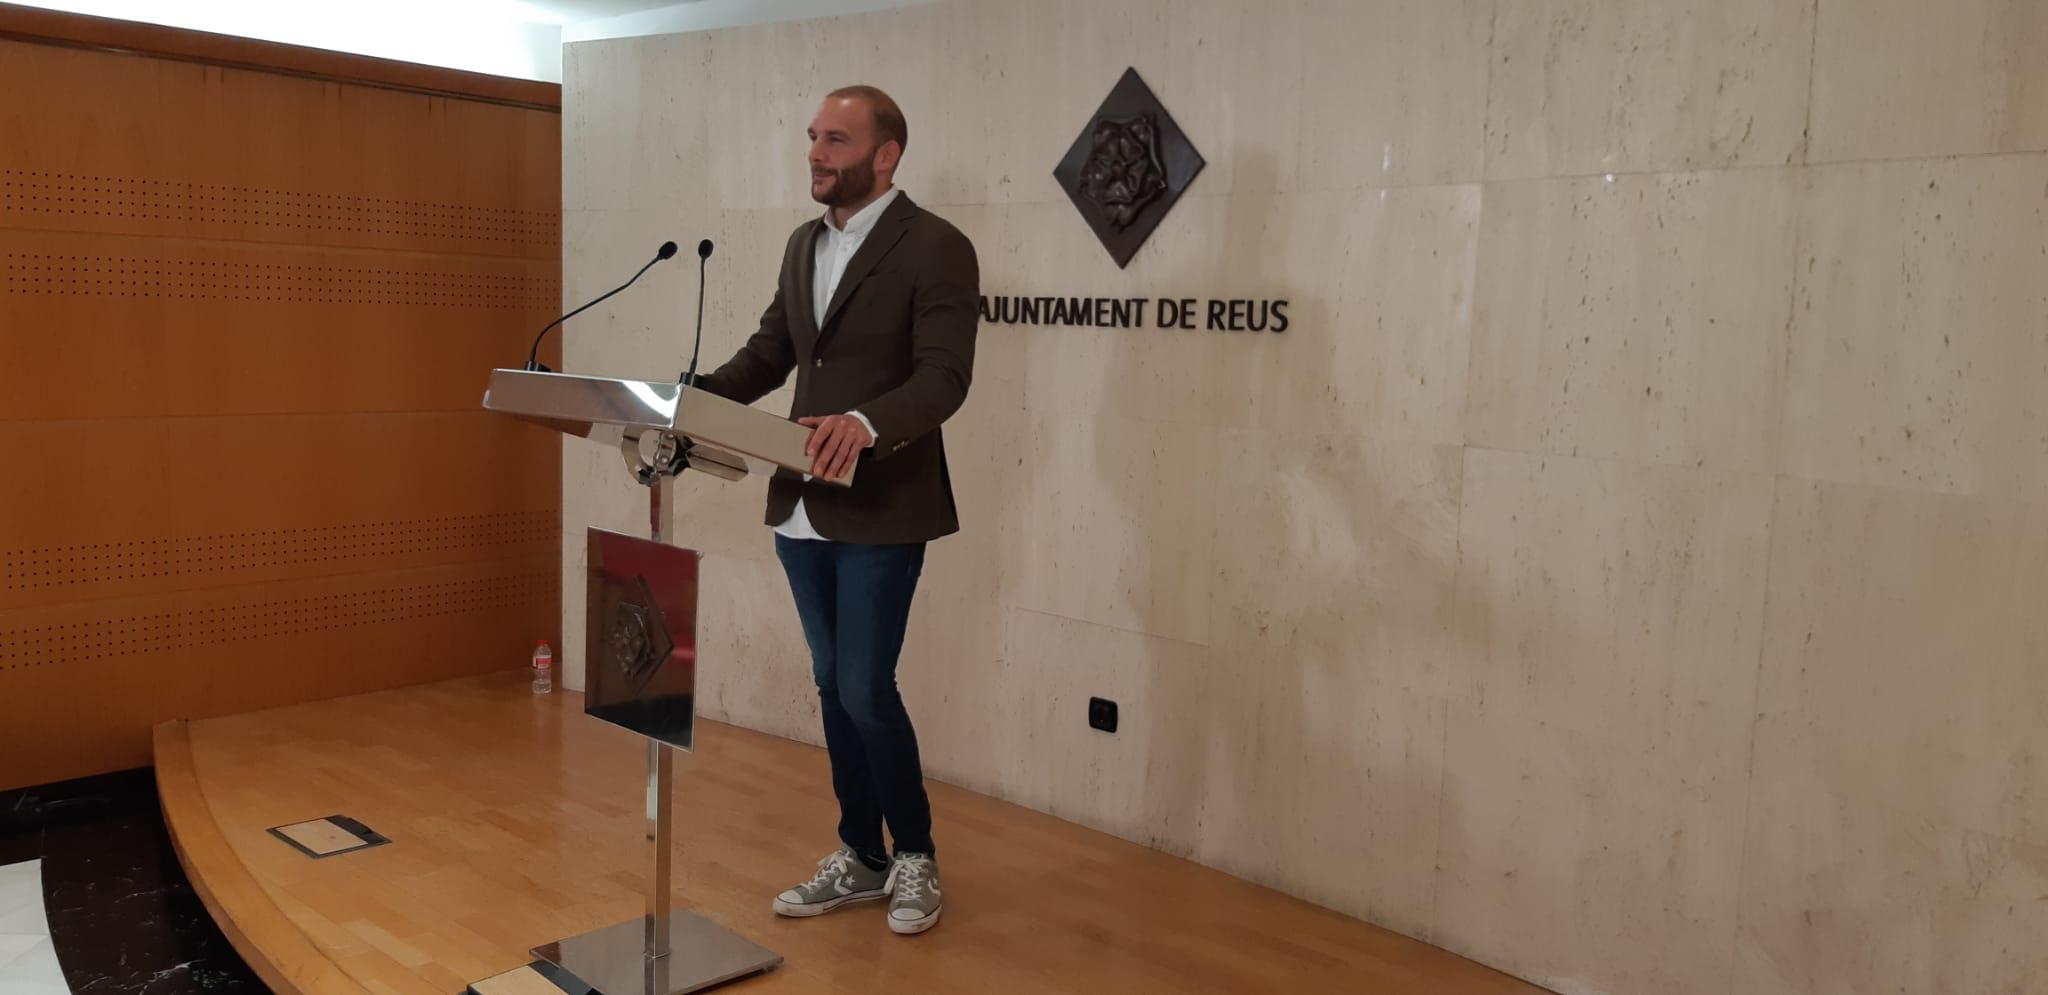 L'Ajuntament de Reus, a través de la regidoria d'Esports, ha programat una nova iniciativa esportiva, en el marc del programa municipal d'...